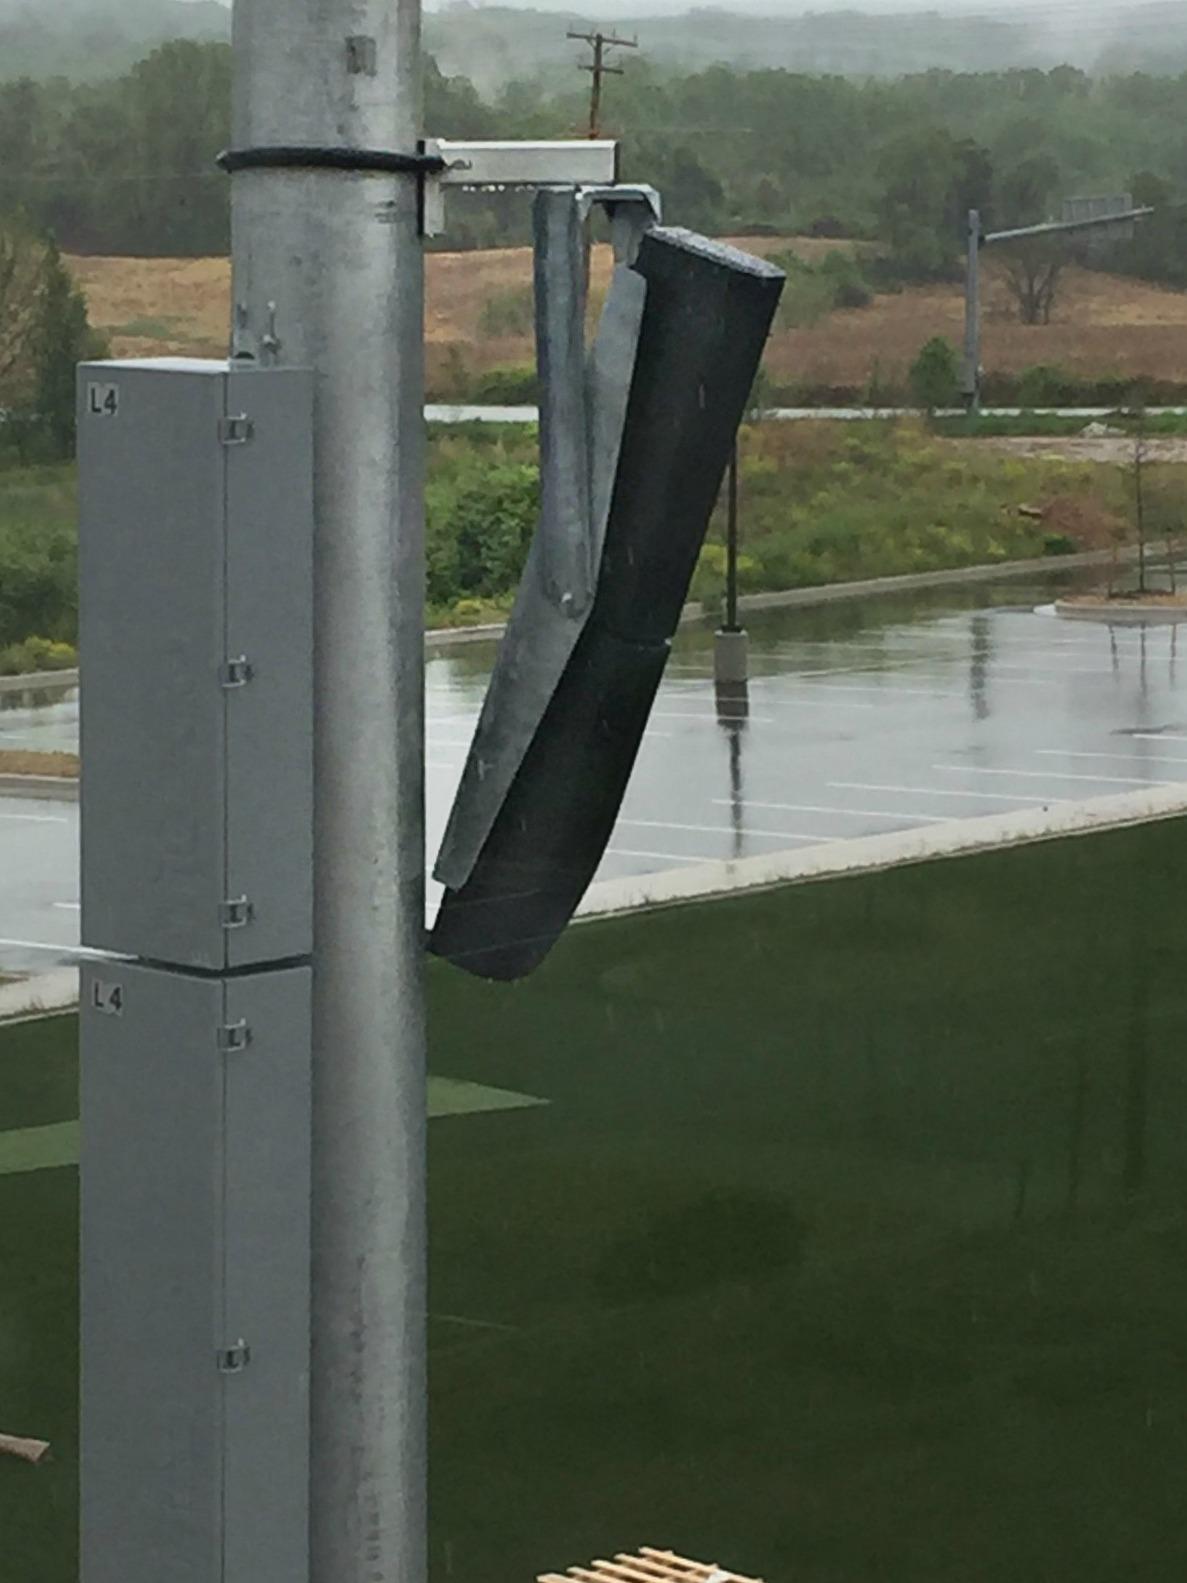 Pan/Tilt Bracket For CBT 70J-1 And 70JE-1 System